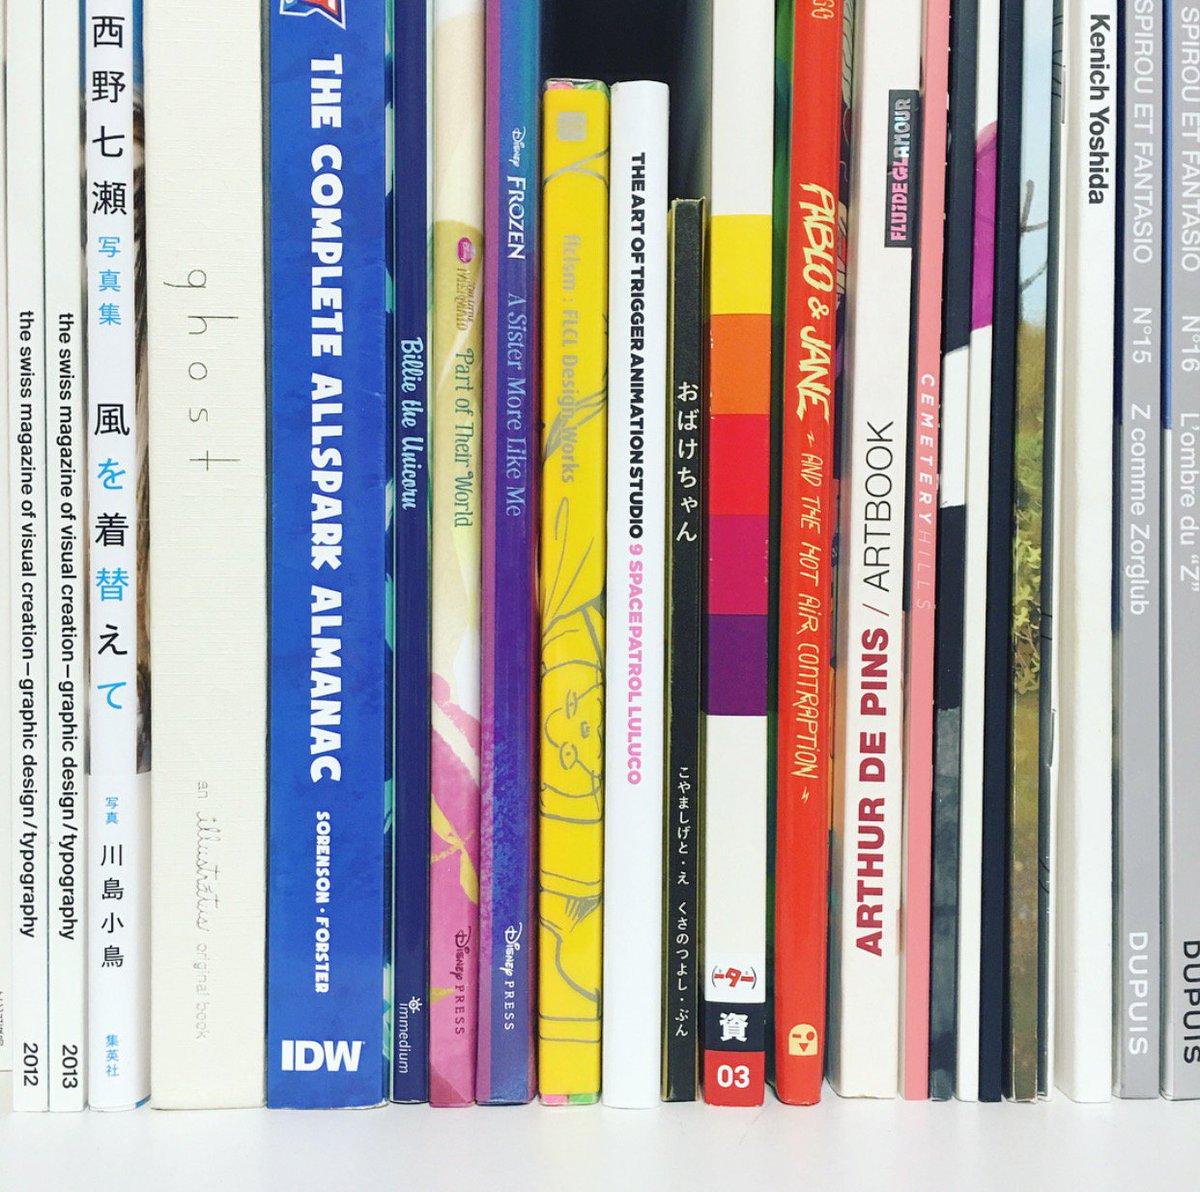 やっとルル子の本を本棚に並べられました。